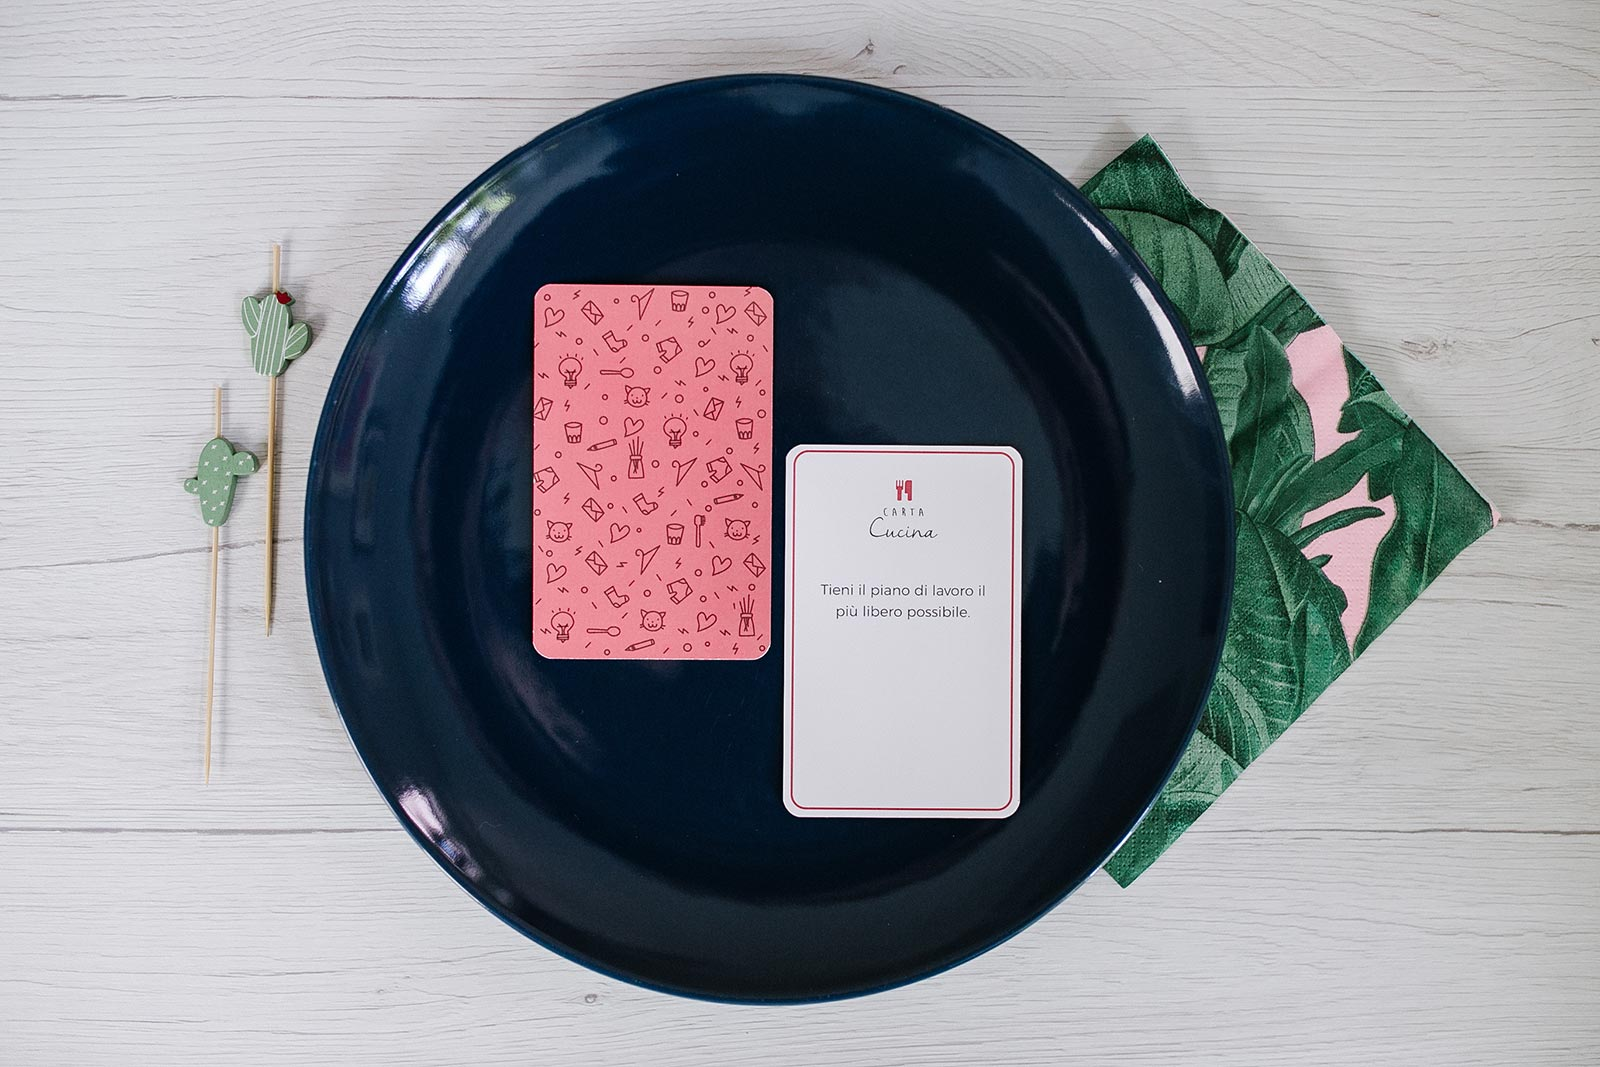 Non farti il mazzo - Le carte per organizzare la cucina